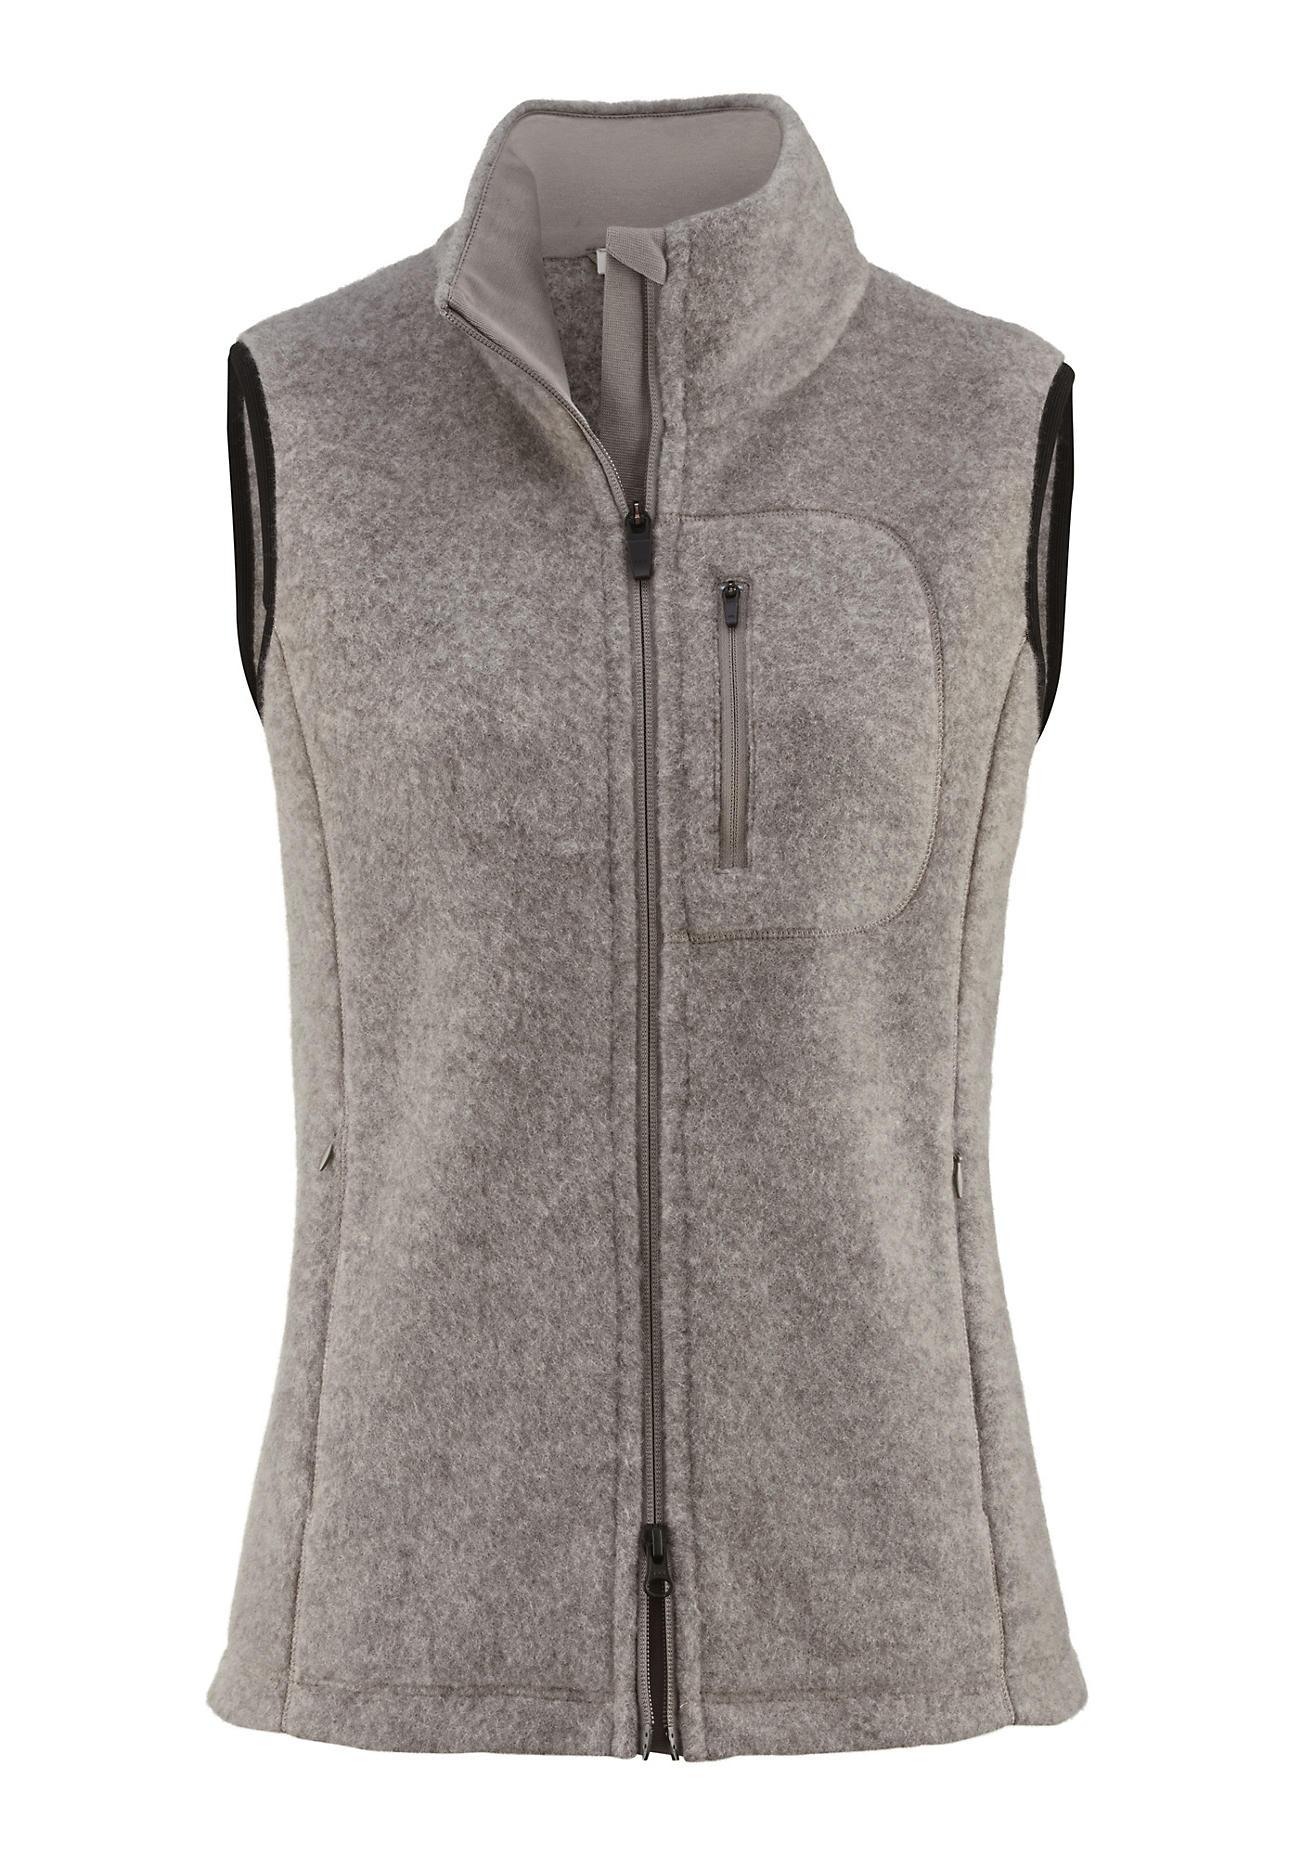 hessnatur Outdoor Damen Wollfleece Weste aus Schurwolle – grau – Größe 46 | Sportbekleidung > Sportwesten > Outdoorwesten | Greige | Schurwolle - Jersey | hessnatur